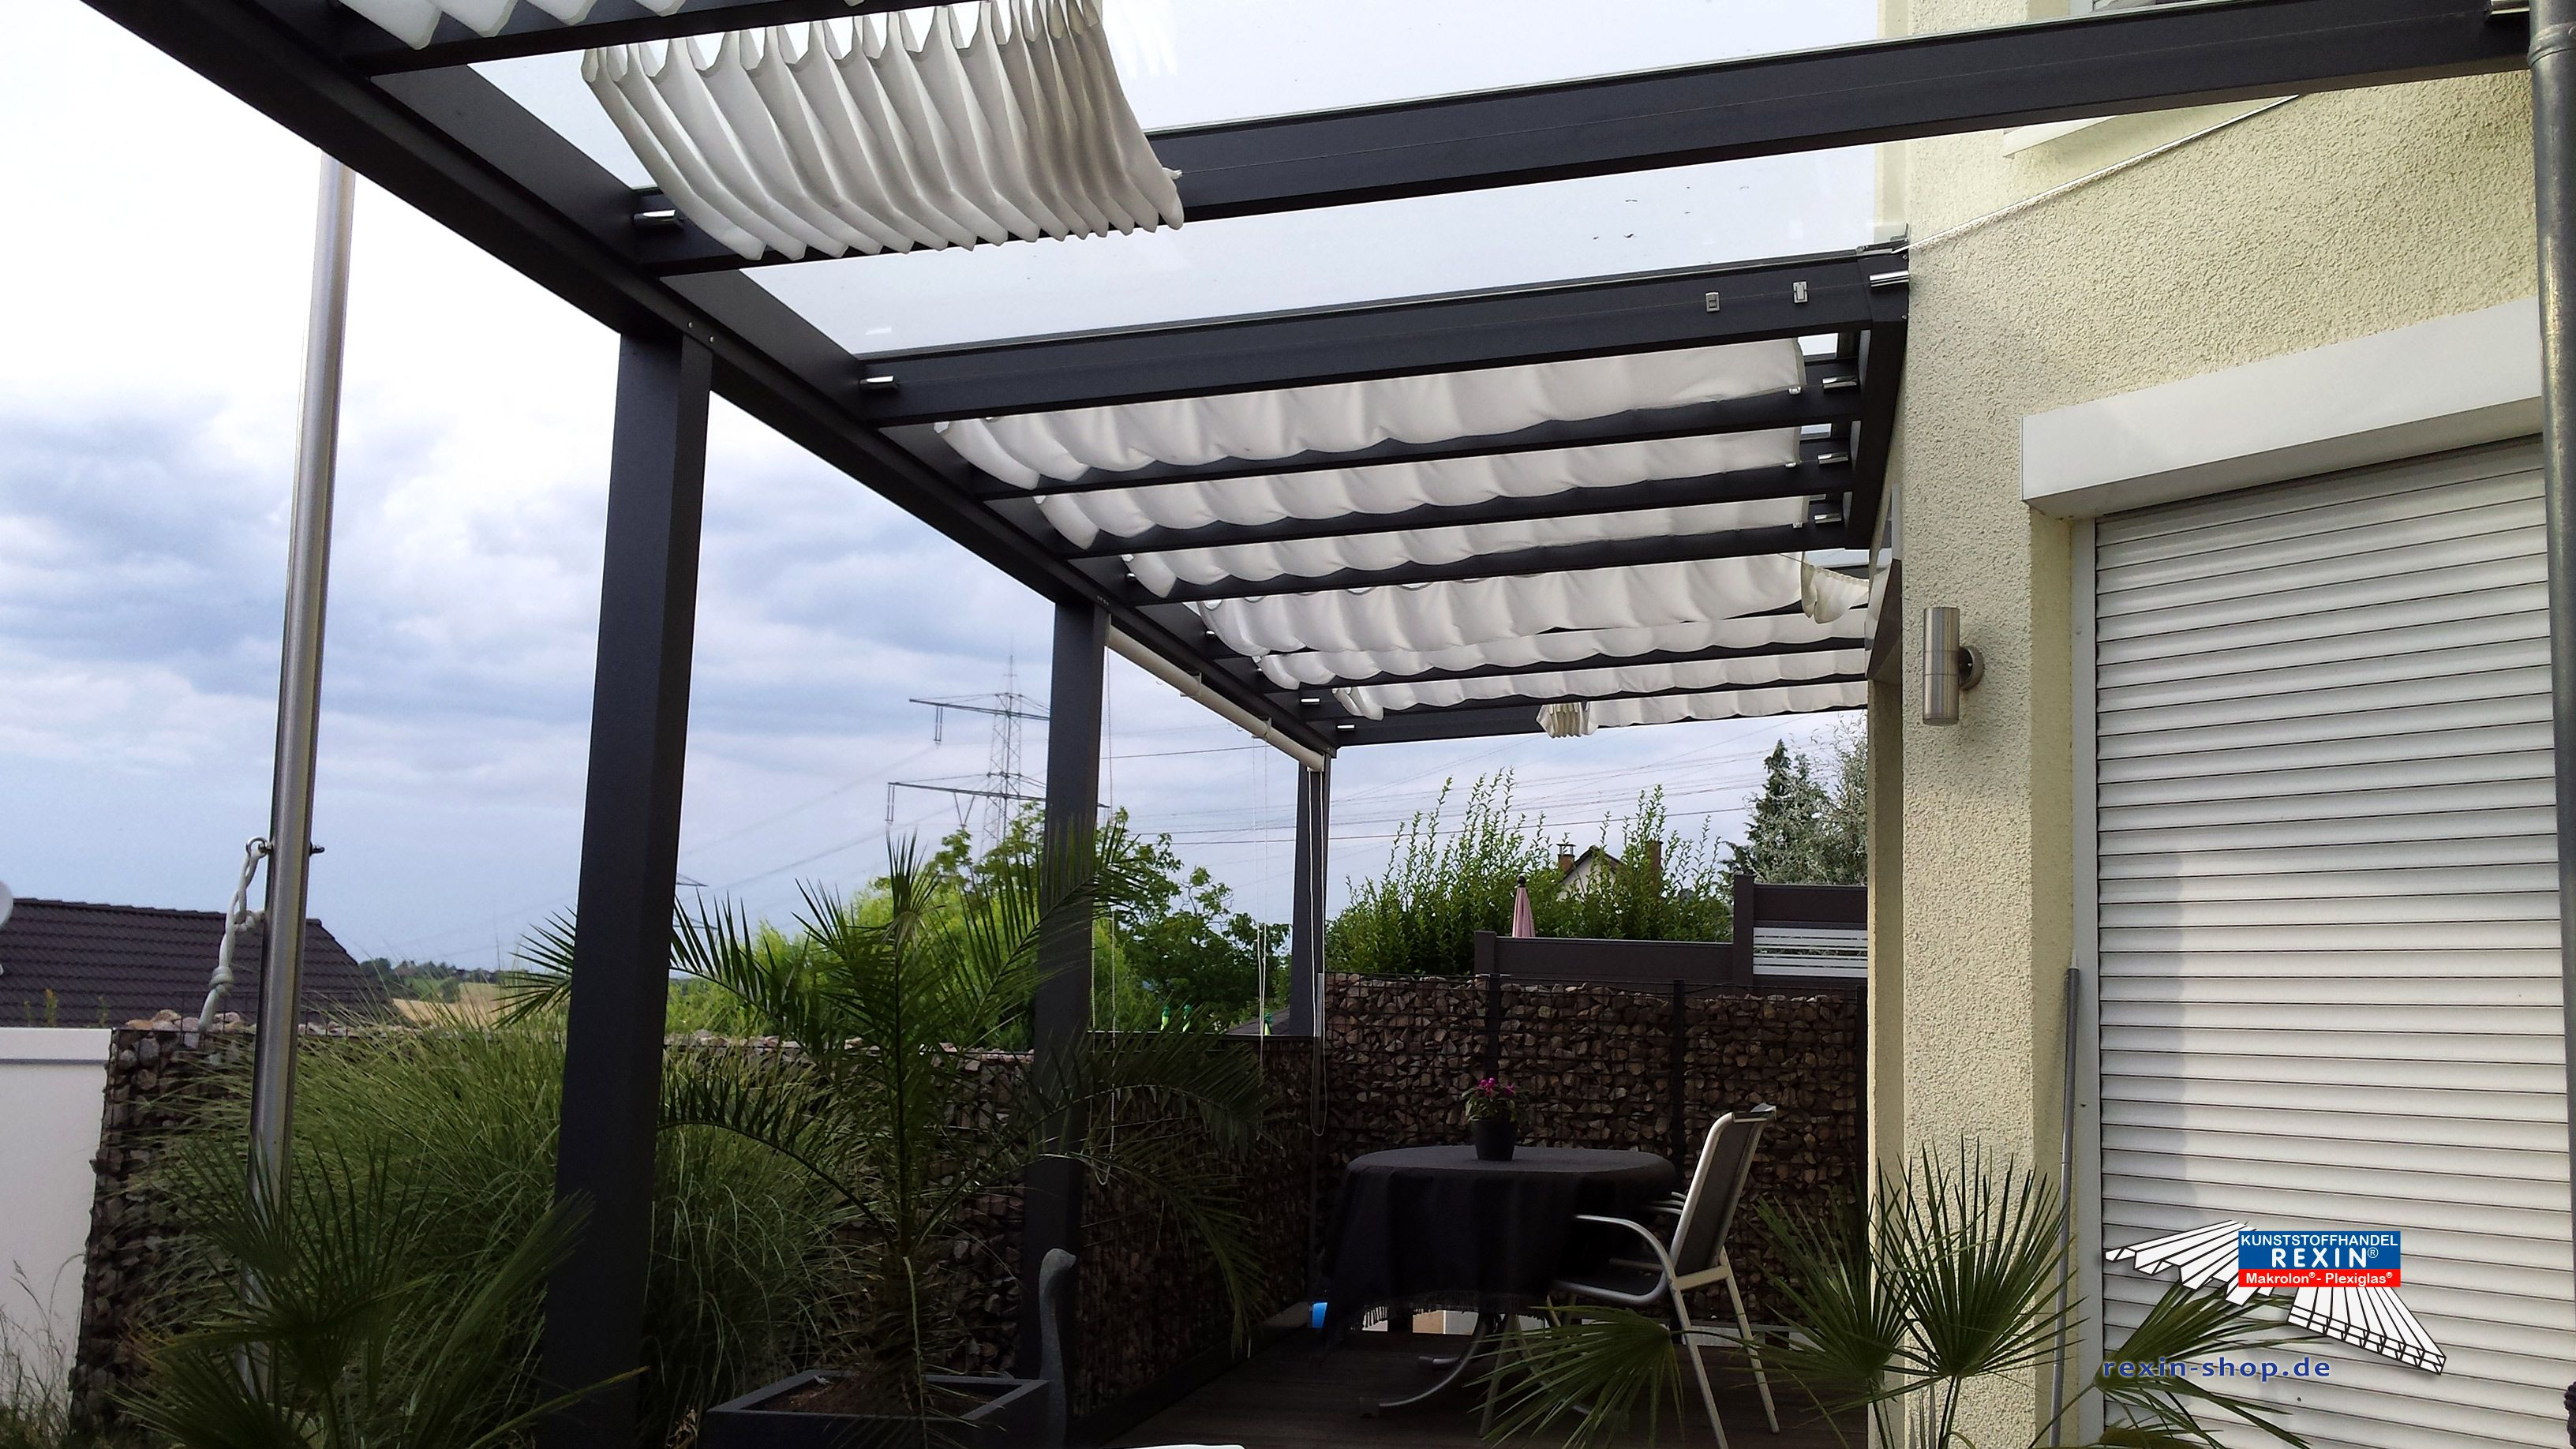 alu terrassendach der marke rexopremium 10m x 4m in. Black Bedroom Furniture Sets. Home Design Ideas